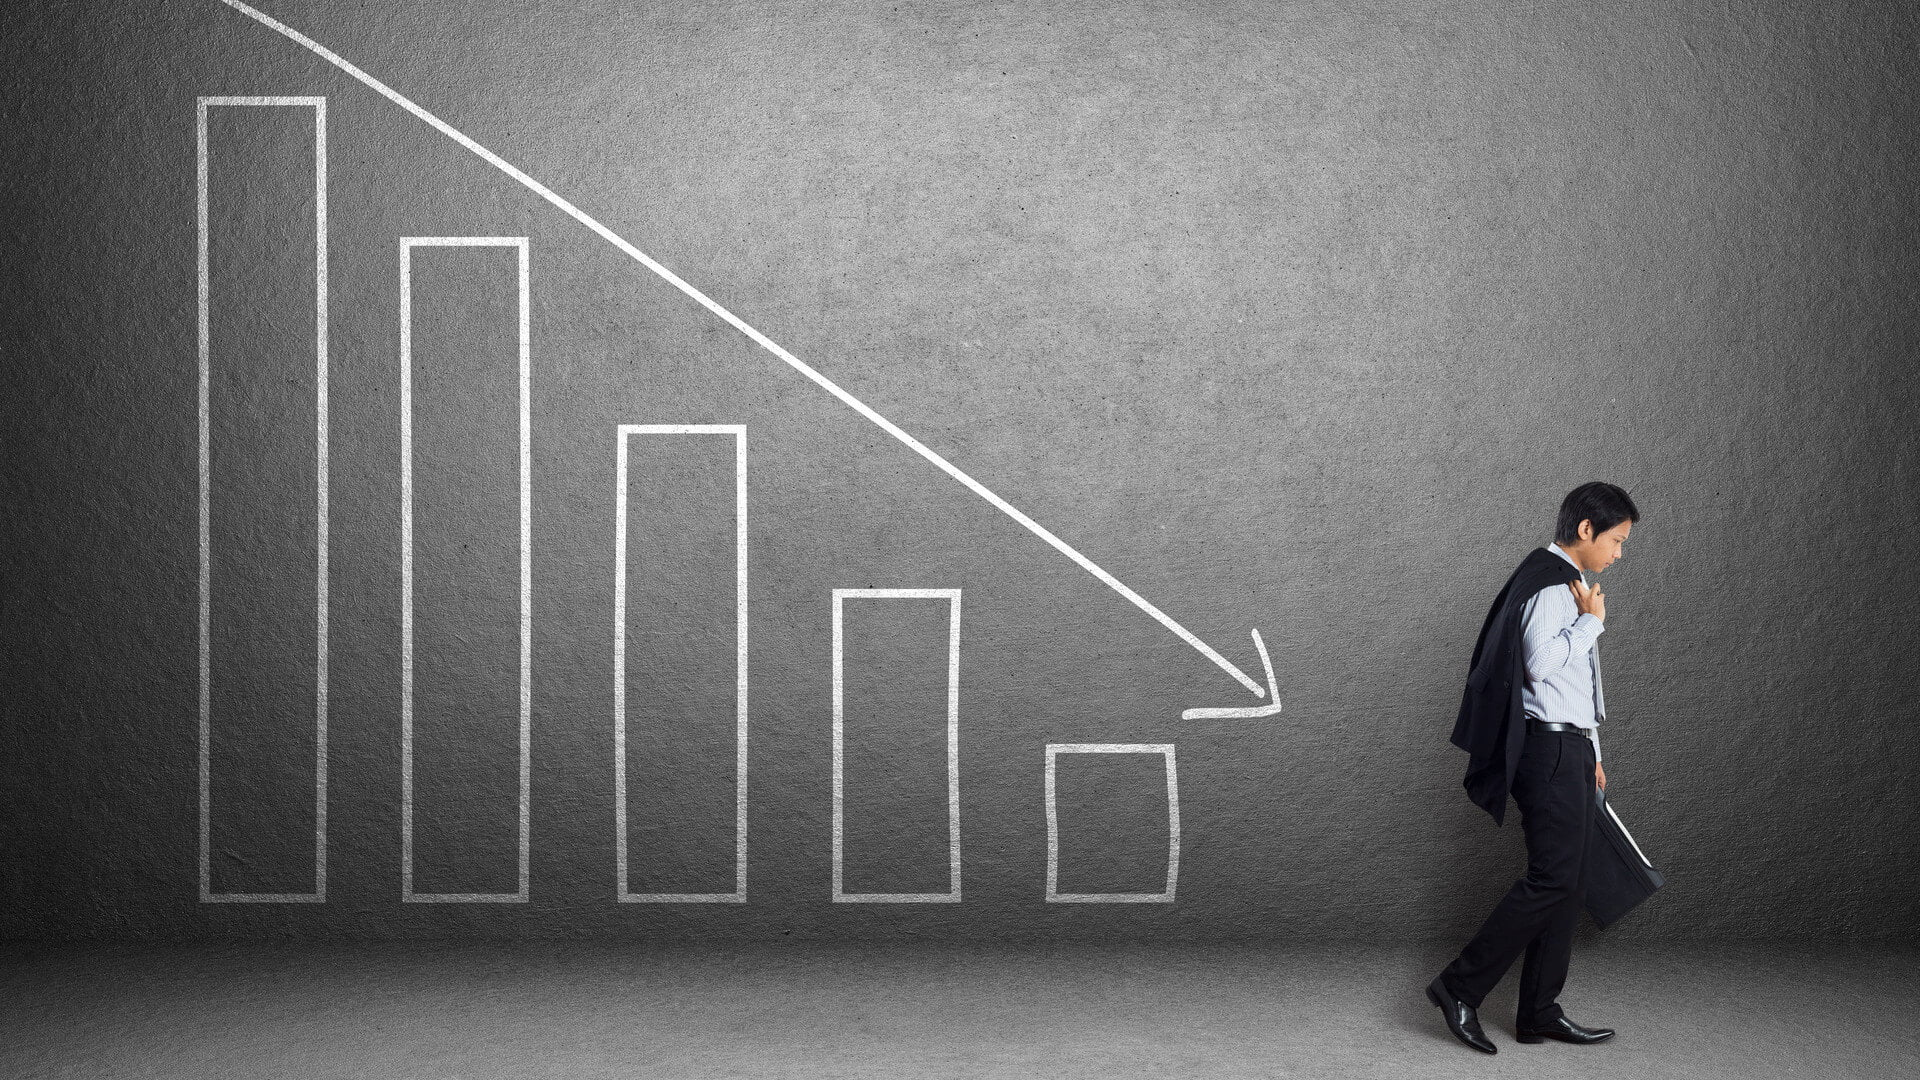 4 عامل شکست کسب و کار کوچک